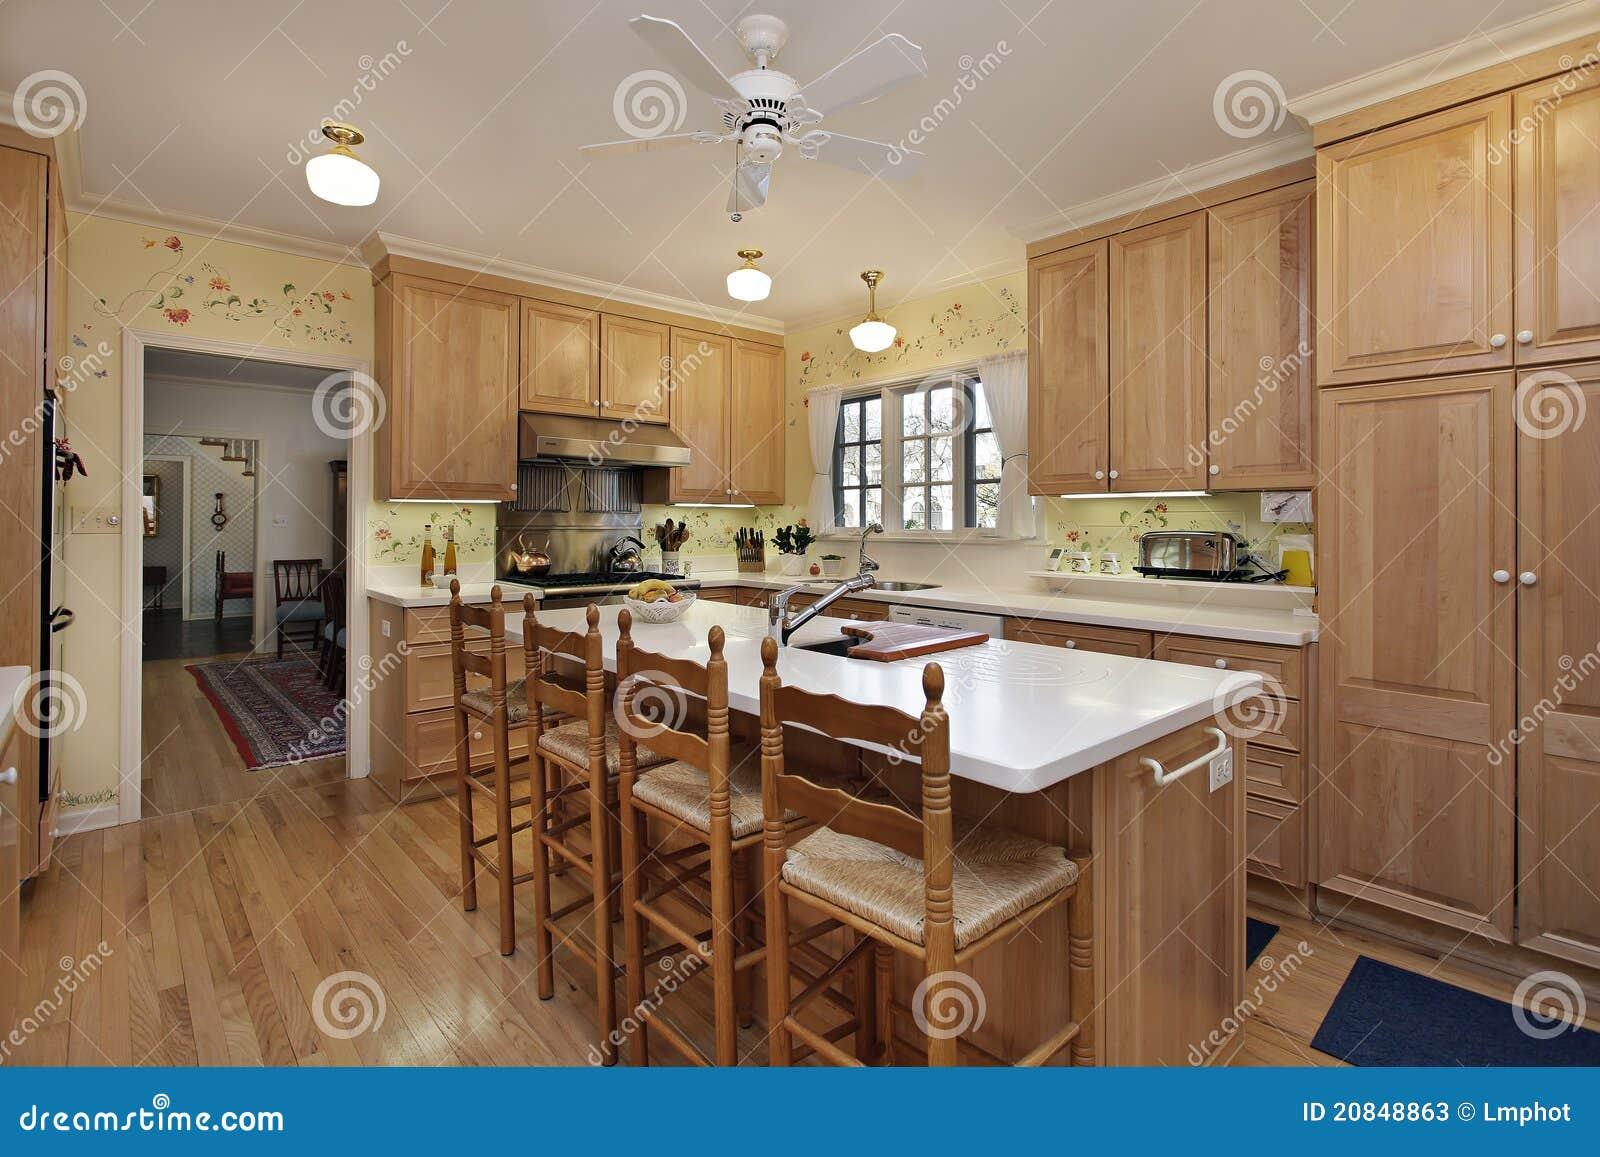 Cocina con cabinetry de madera de roble fotos de archivo for Cocinas de madera de roble